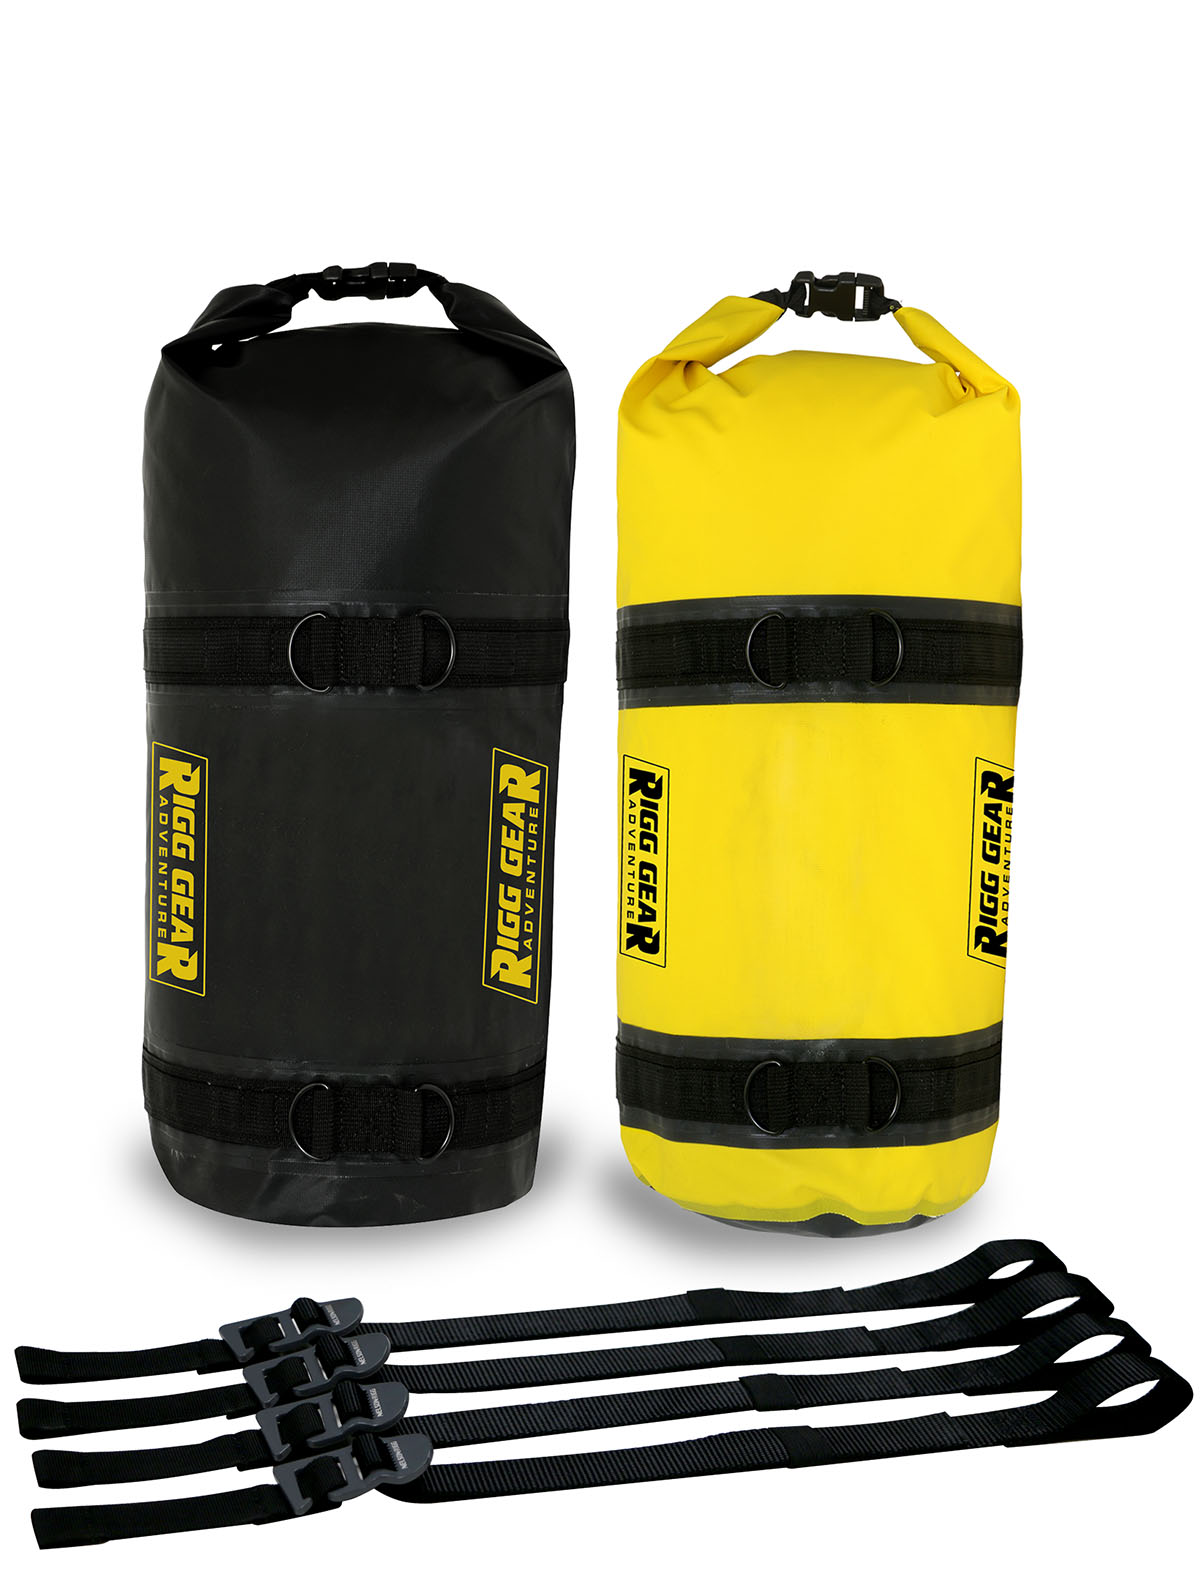 1d597daa84 Ridge Roll Dry Bag - 15L